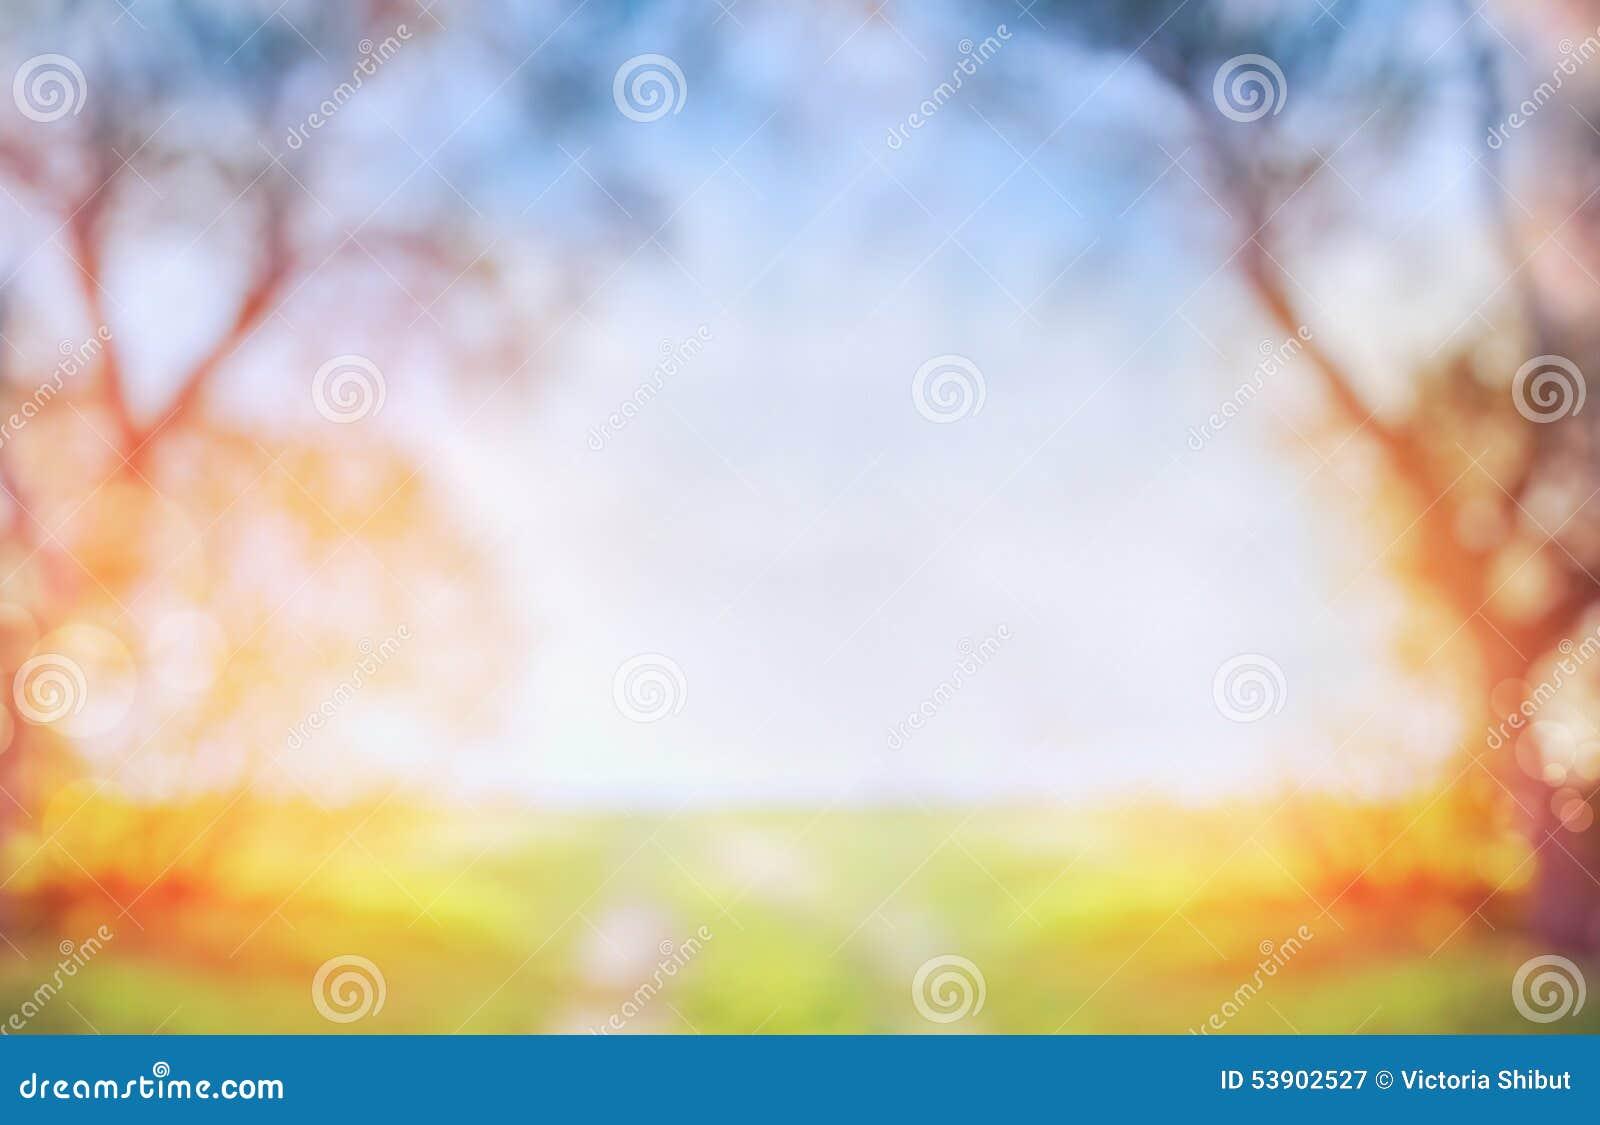 Θολωμένο υπόβαθρο φύσης άνοιξης ή φθινοπώρου με τον πράσινο ηλιόλουστο τομέα και δέντρο στο μπλε ουρανό